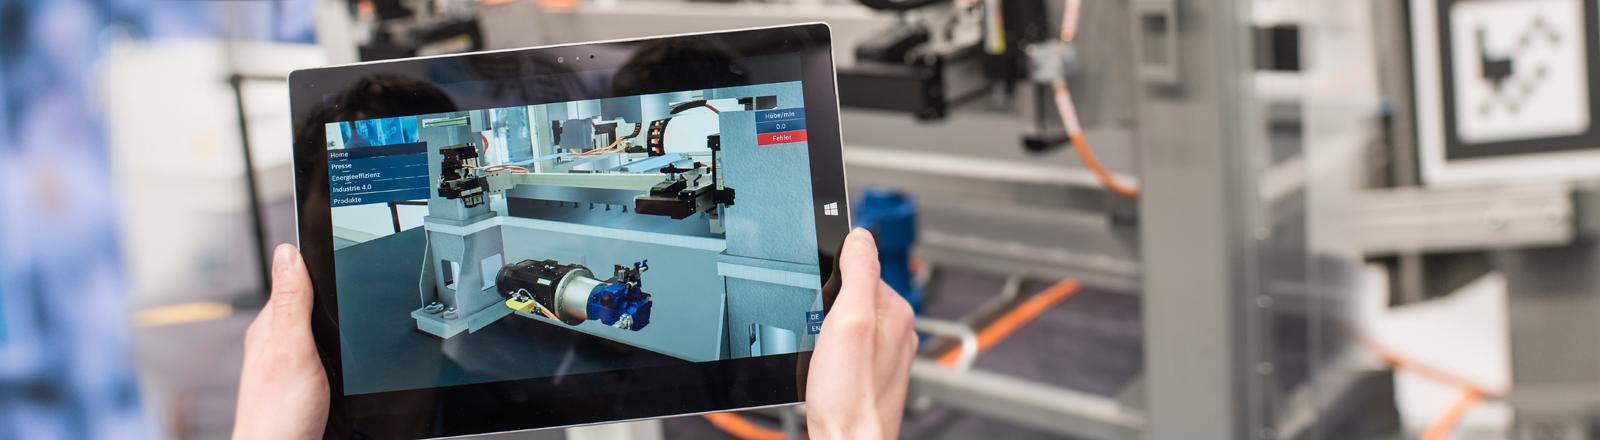 Auf einem Tablet wird am Beispiel einer Maschine Augmented Reality gezeigt.